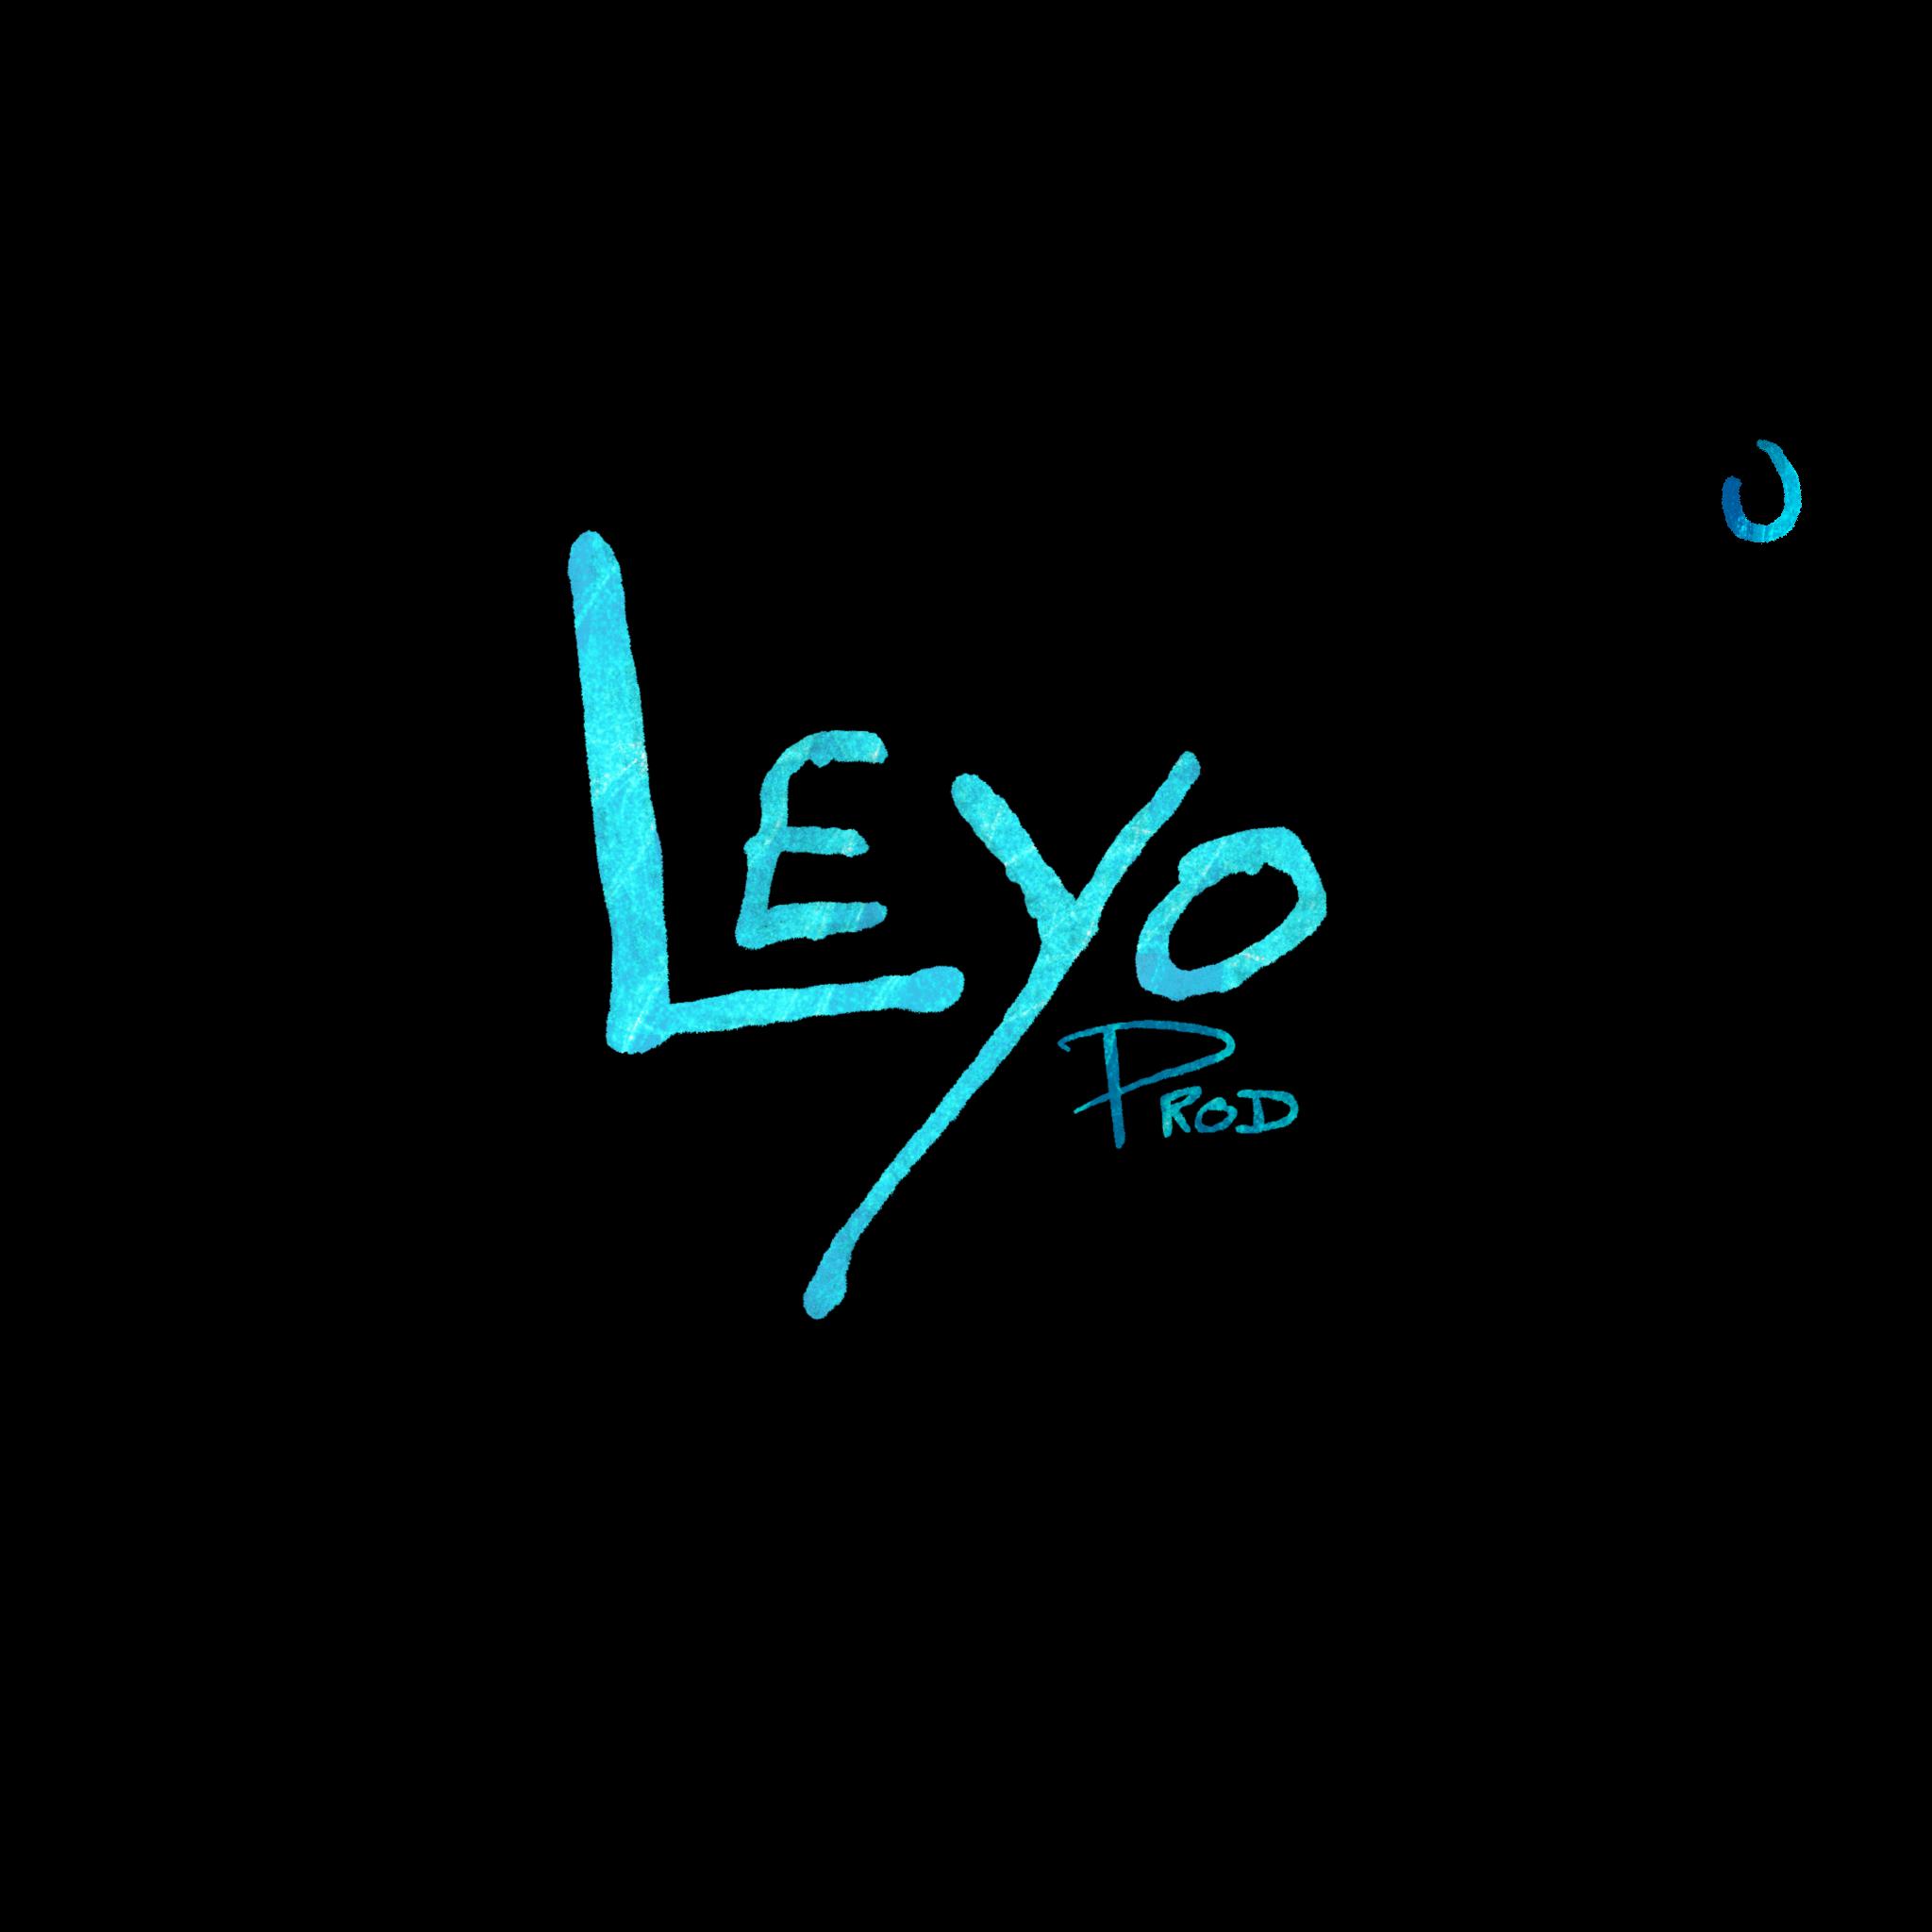 – Leyo Productions –